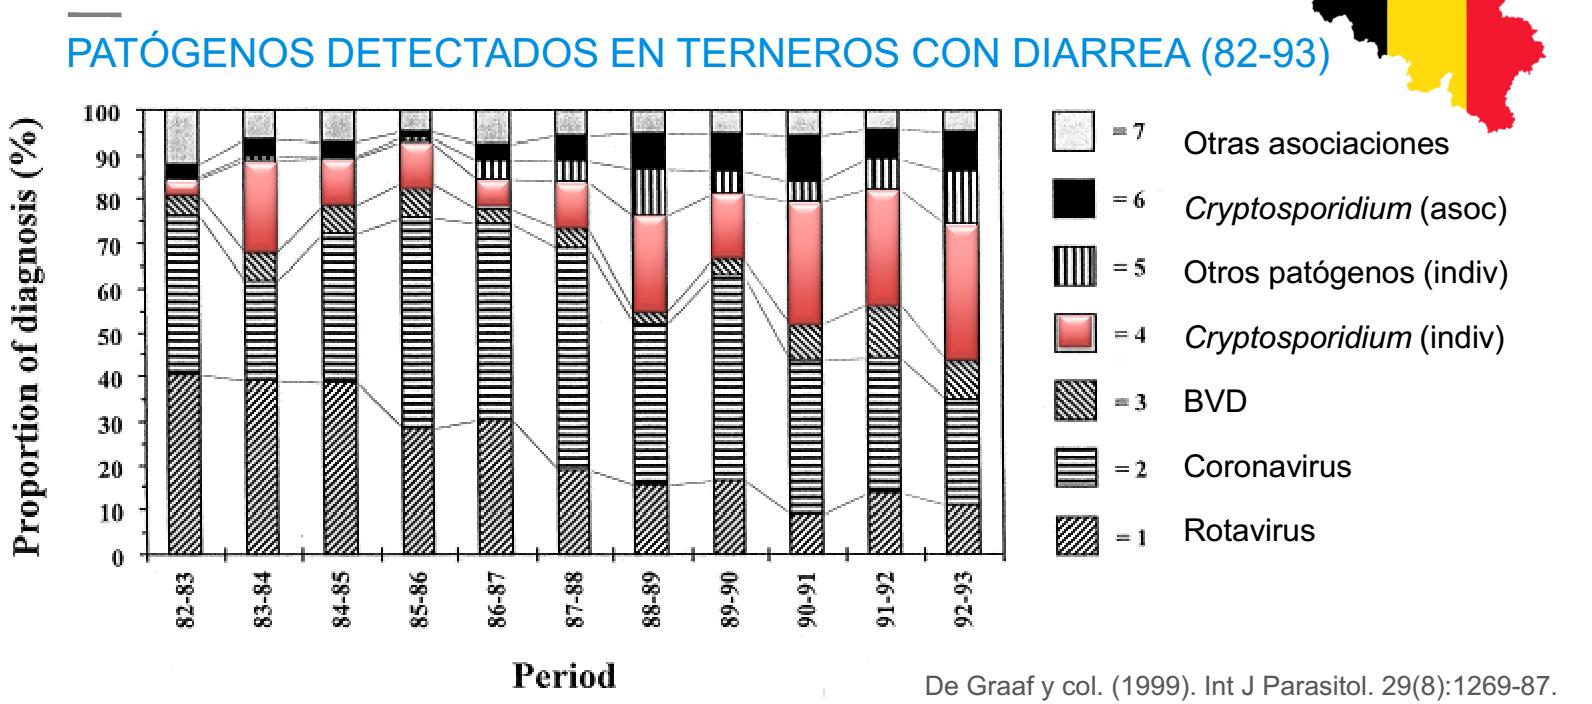 Los patógenos más frecuentes en terneros con diarrea